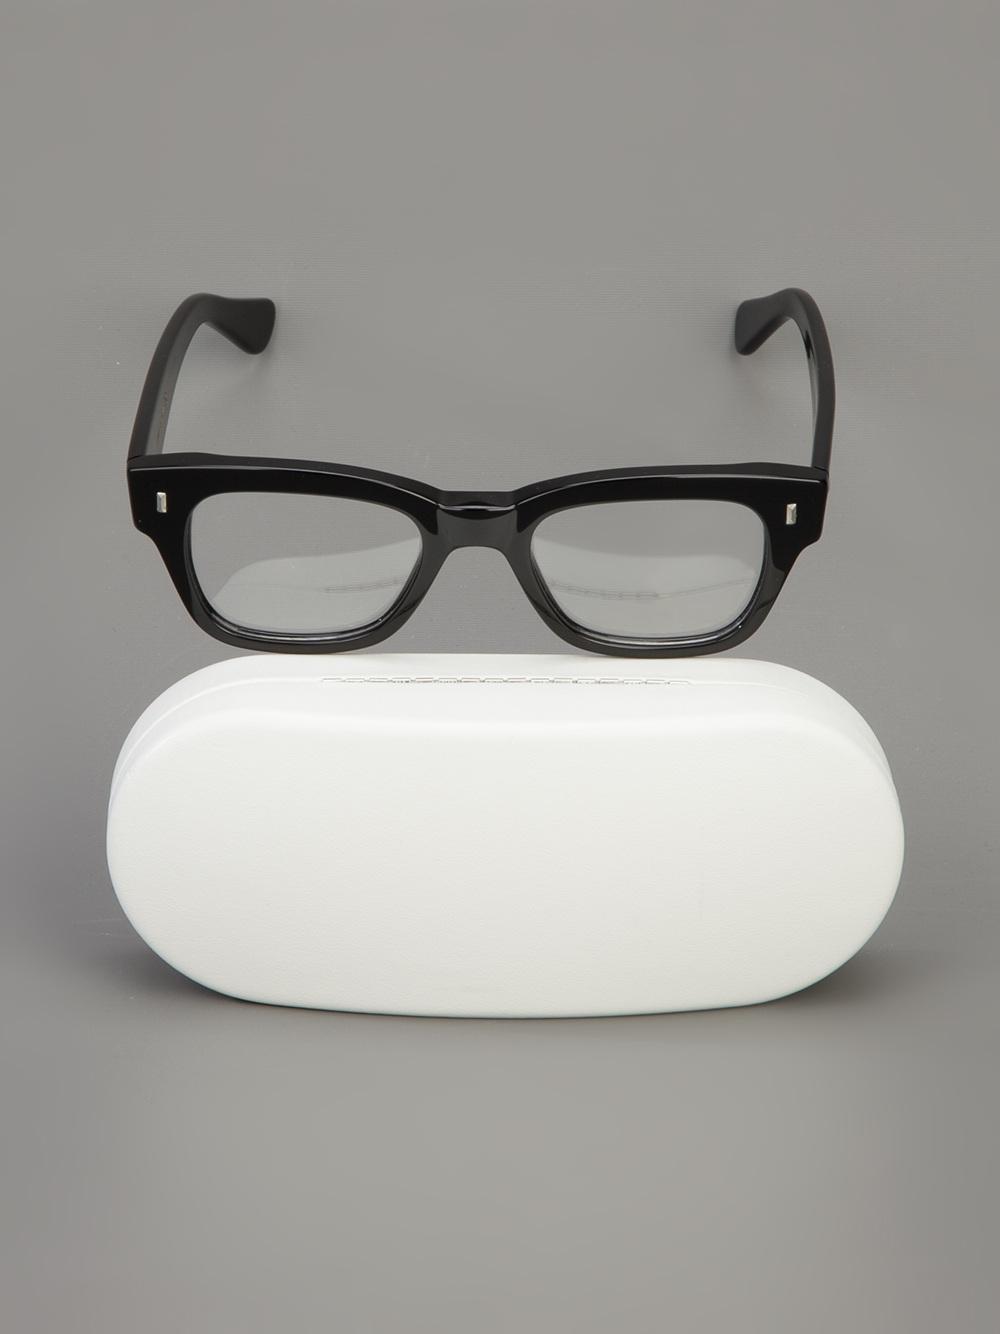 Lyst - Lunettes Kollektion Professor Glasses in Black for Men 45f7e551b4b7